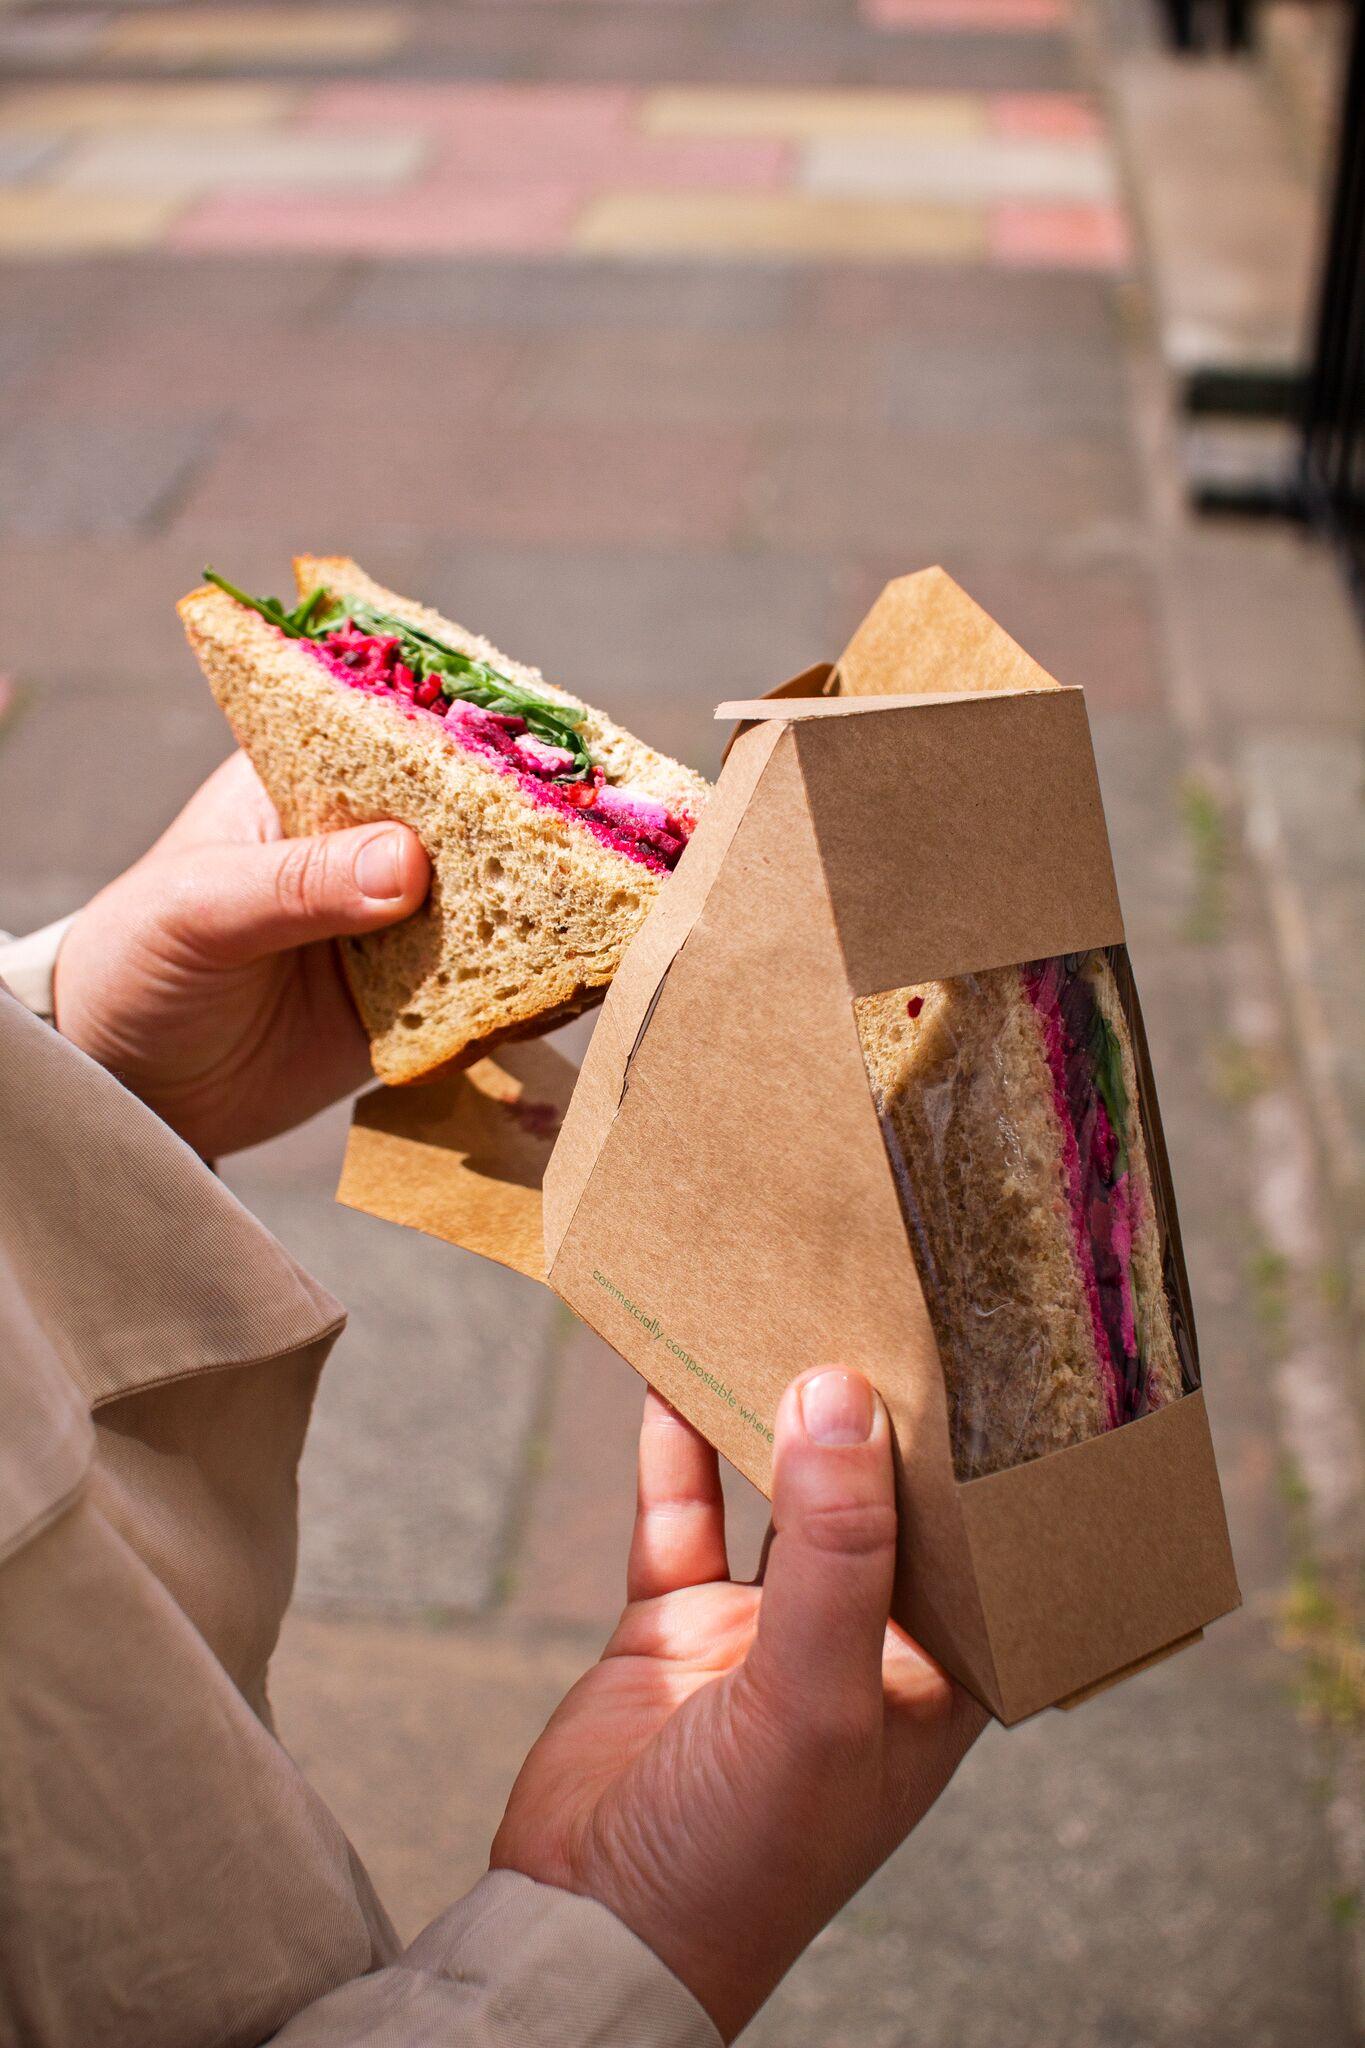 Los envases sostenibles para alimentos y su futuro 4